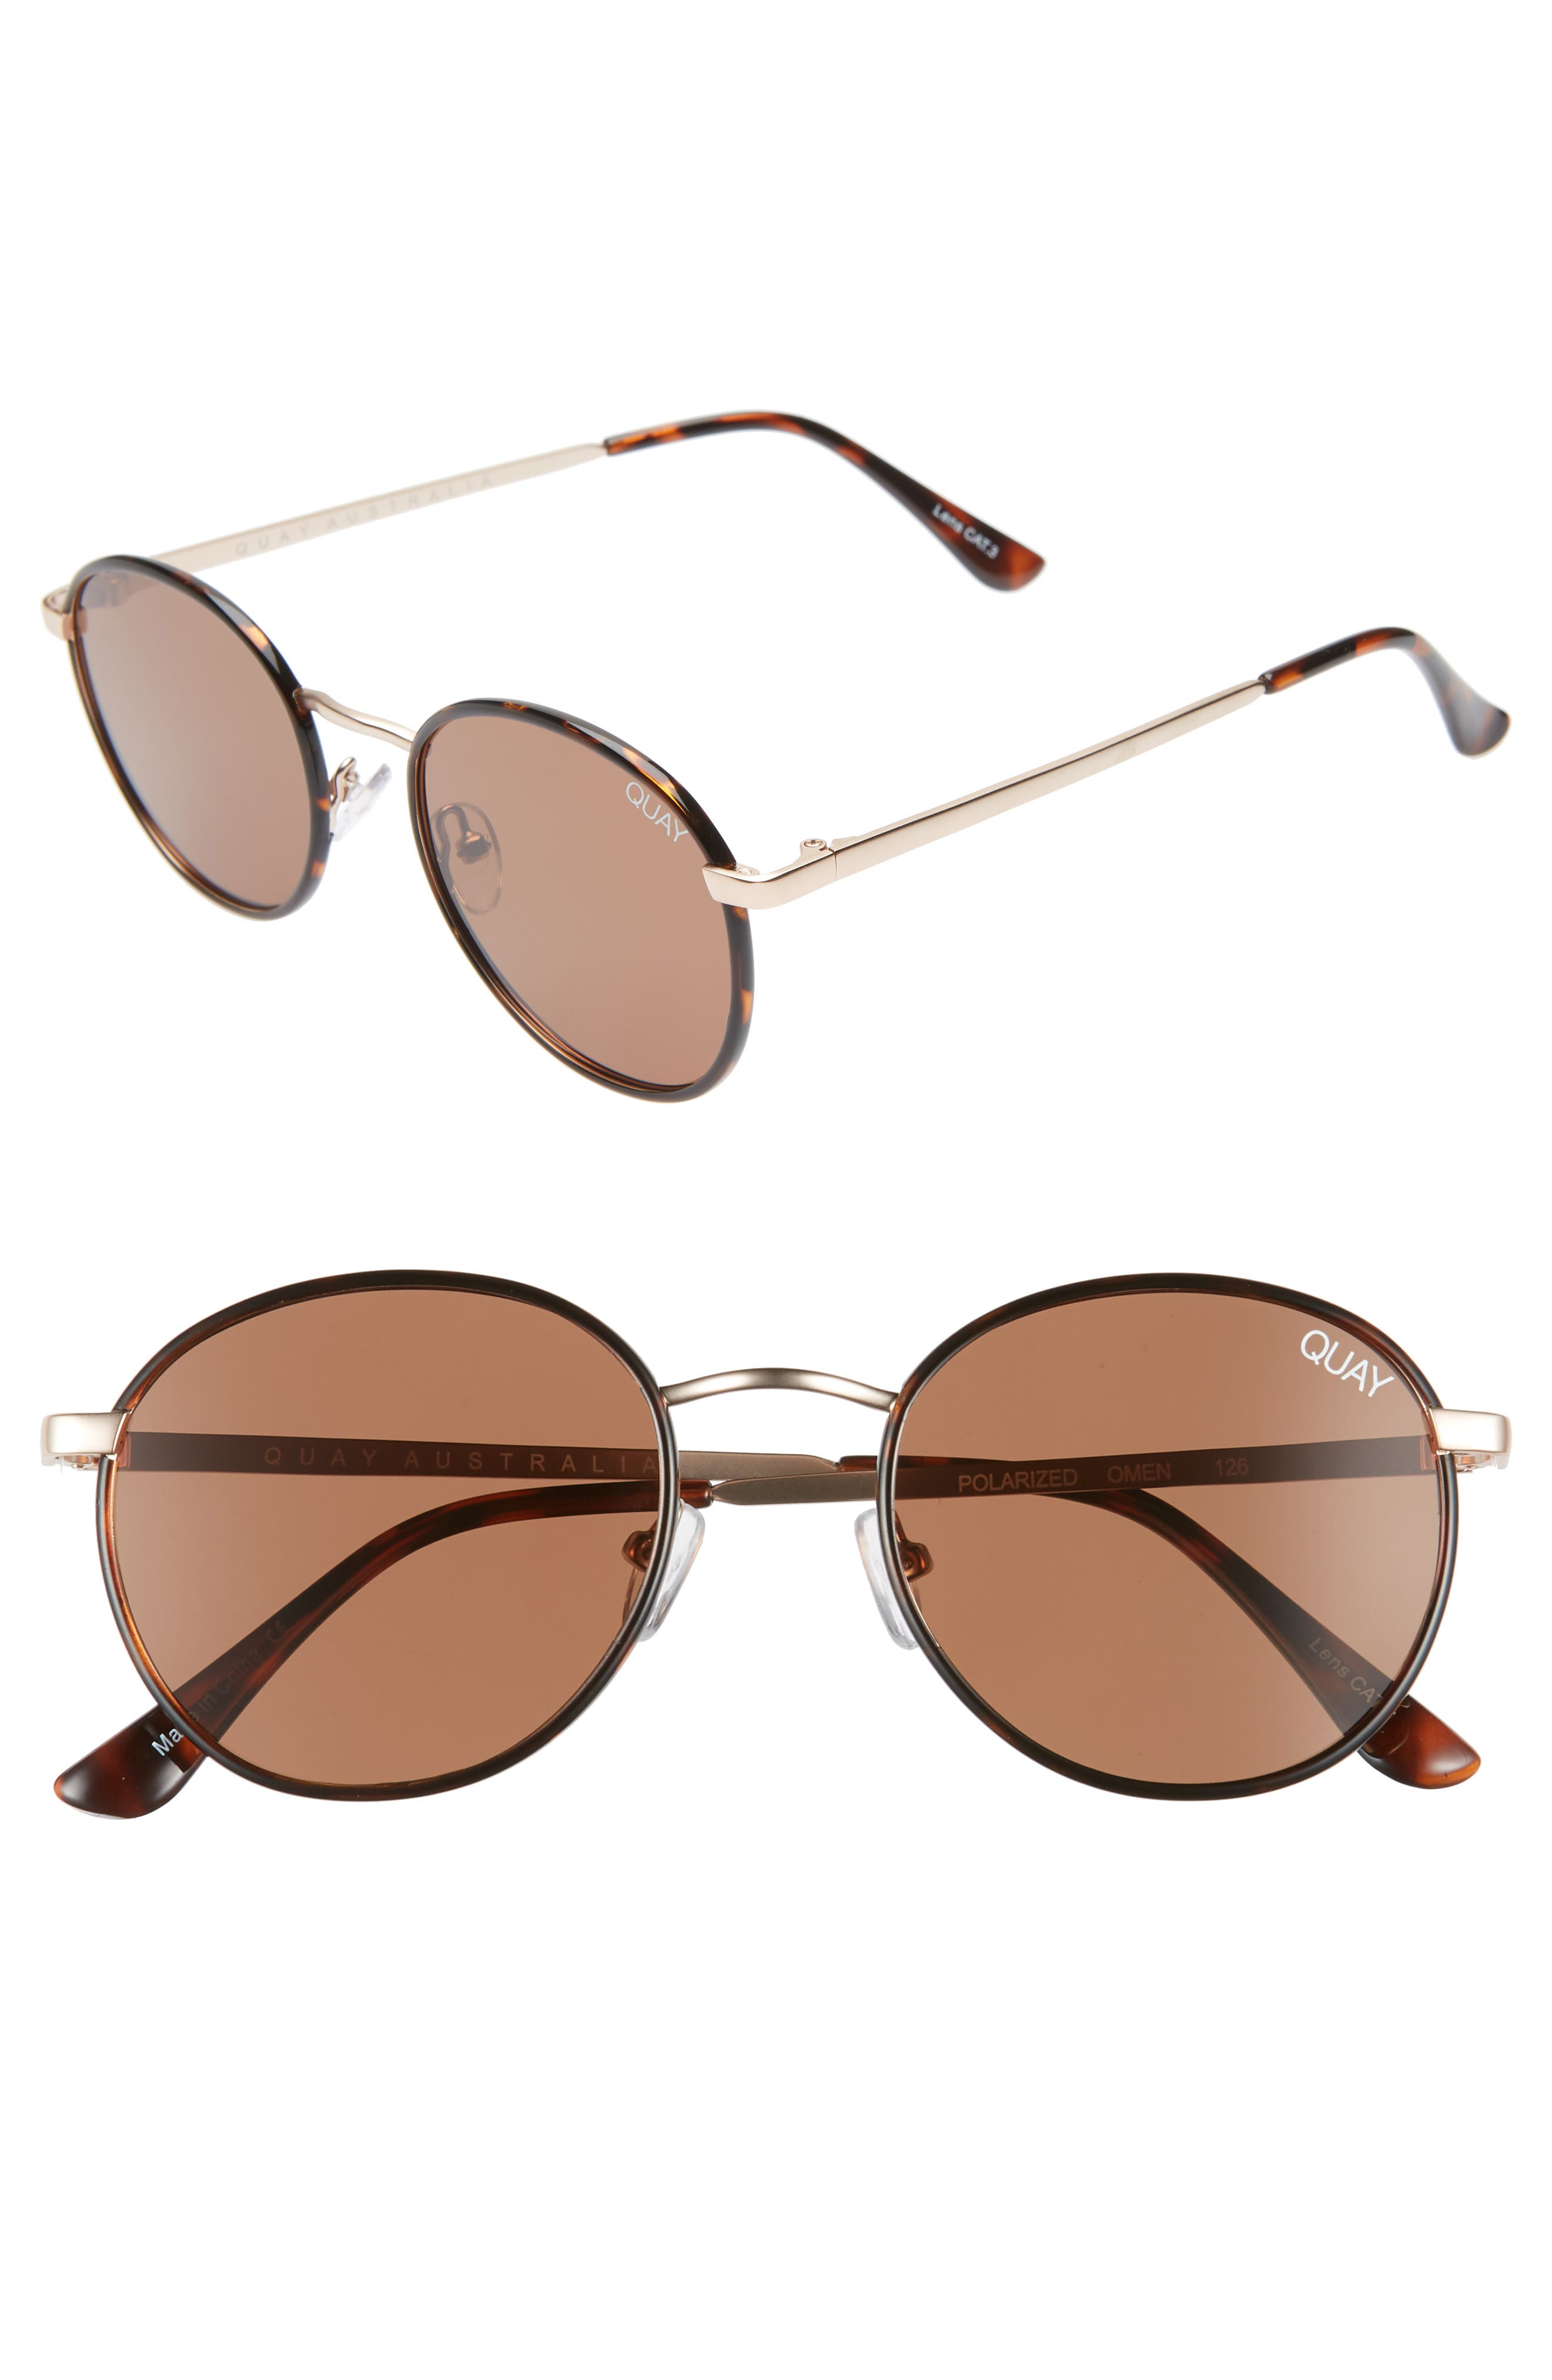 Quay Australia Omen 4m Sunglasses - Tortoise/ Brown